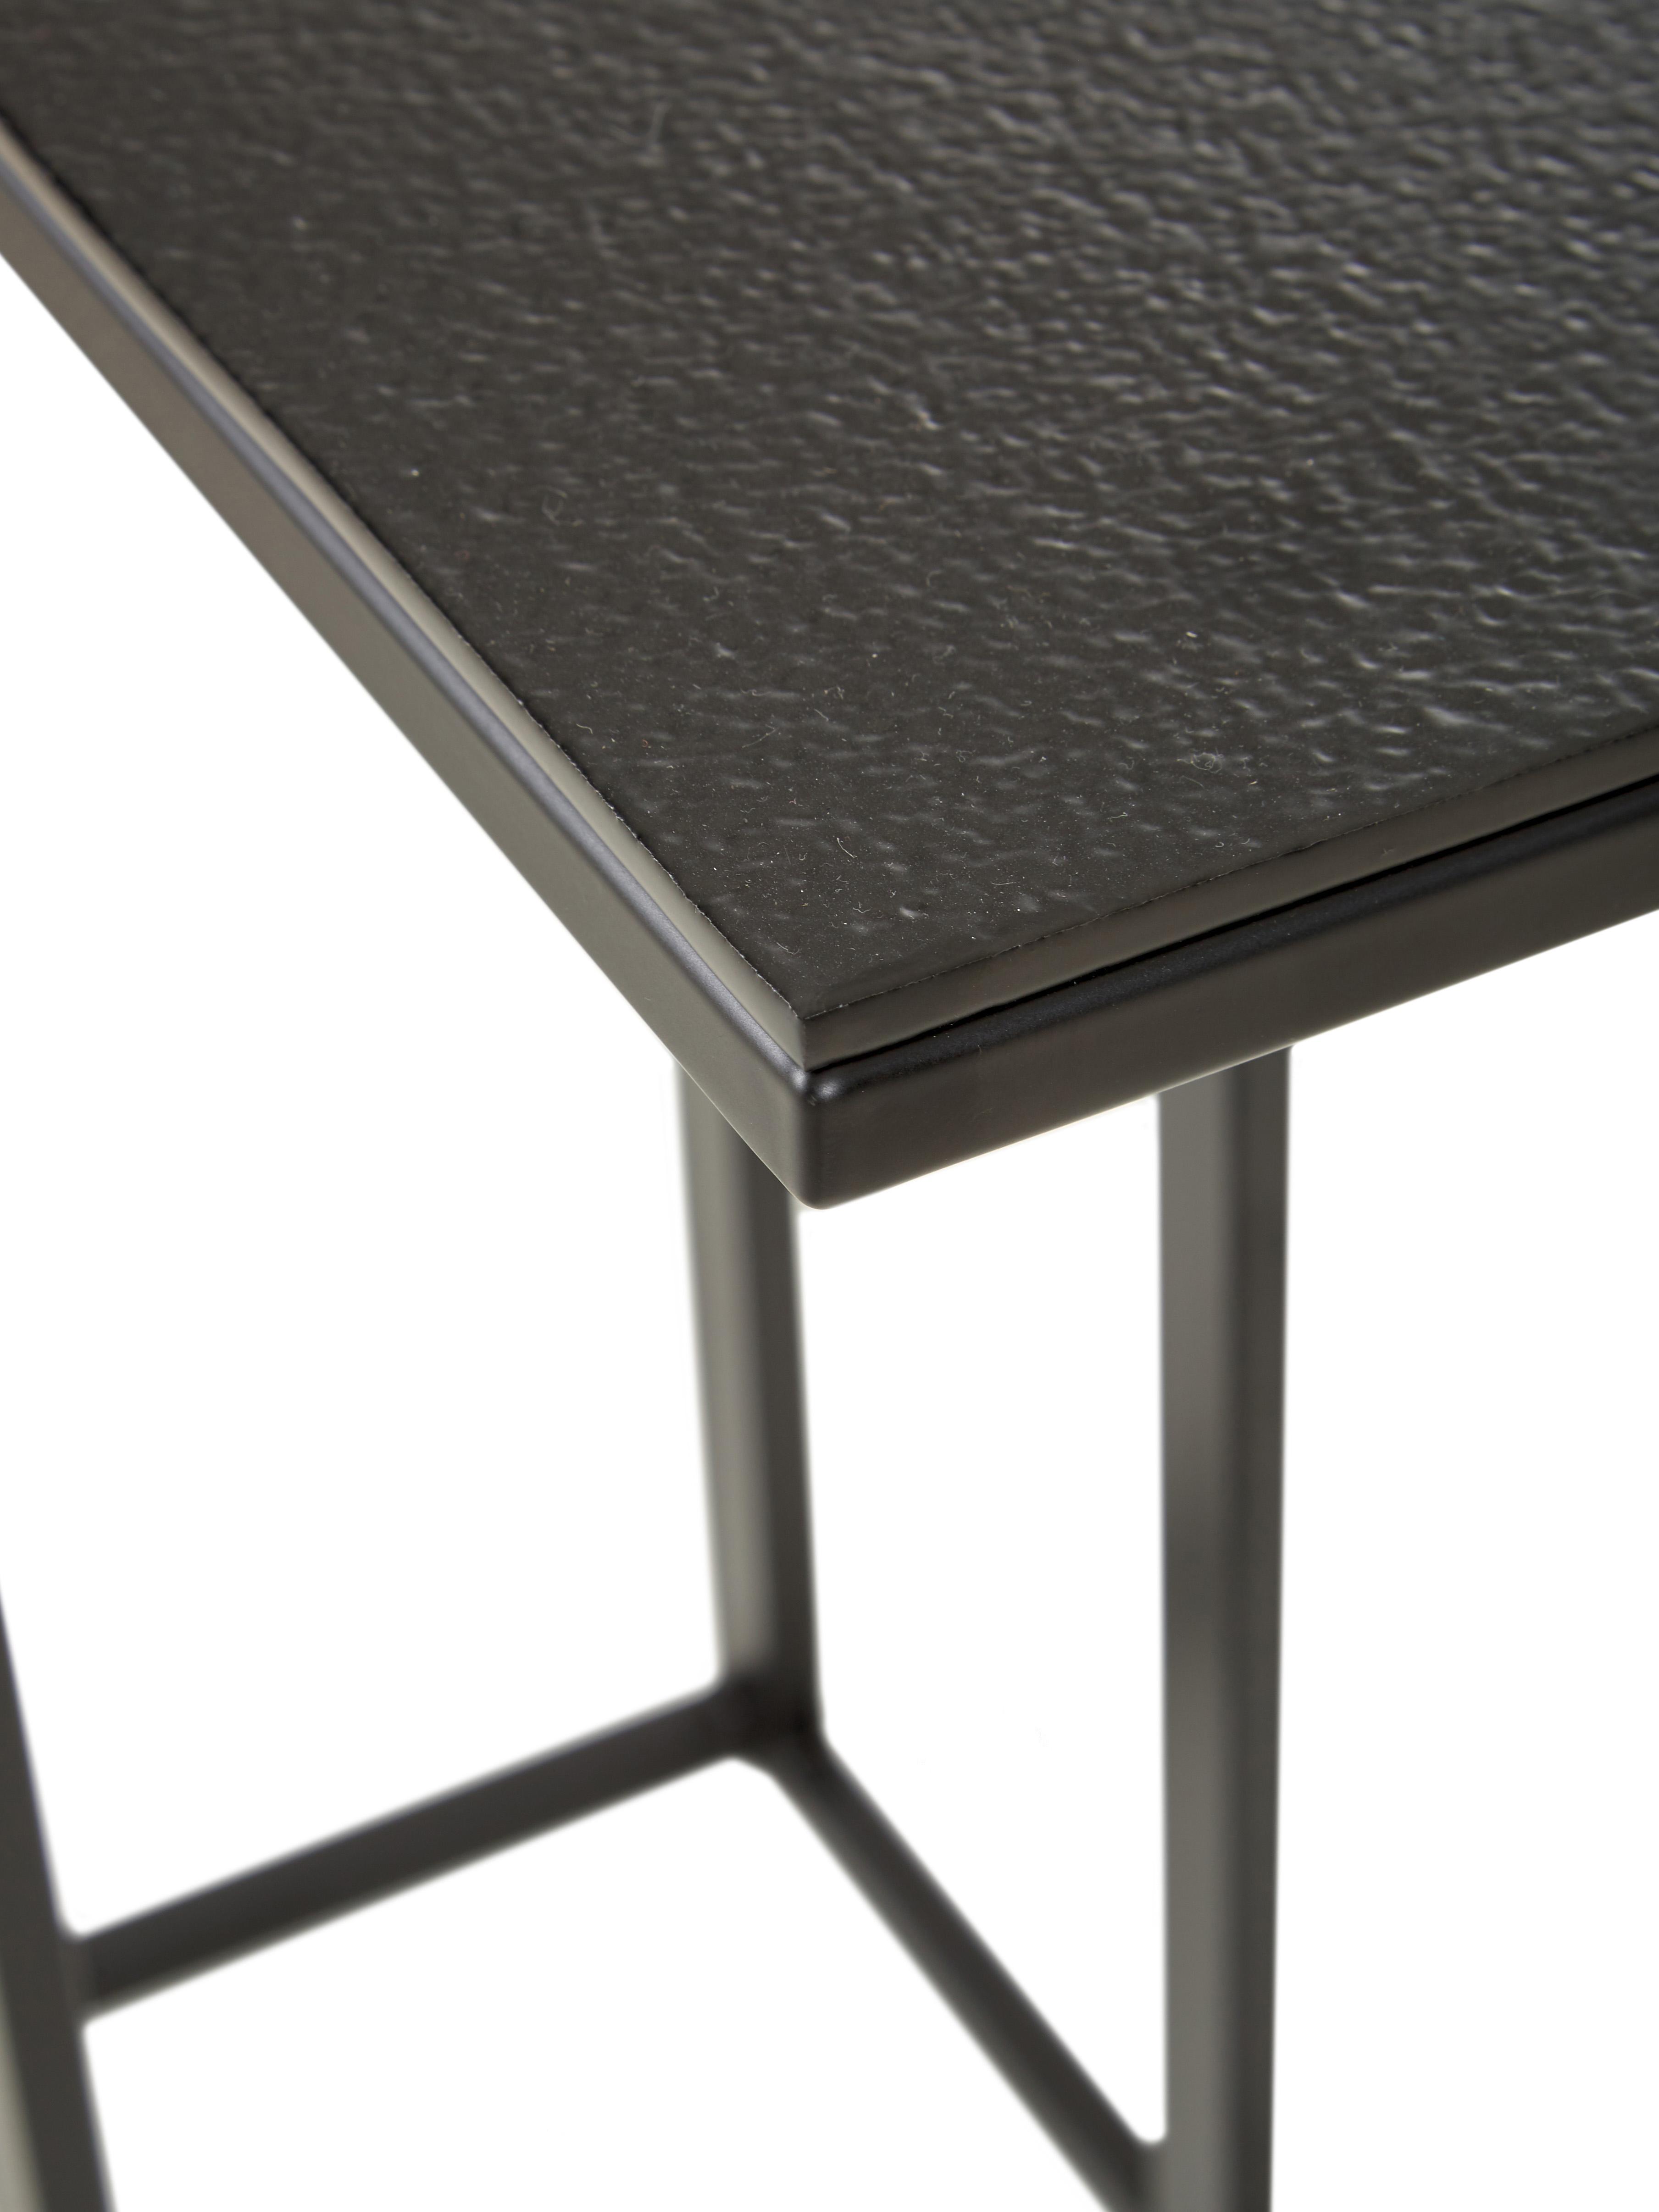 Tavolino industrial in metallo Edge, Piano d'appoggio: alluminio rivestito, Struttura: metallo verniciato a polv, Piano d'appoggio: nero Struttura: nero opaco, Larg. 43 x Alt. 52 cm